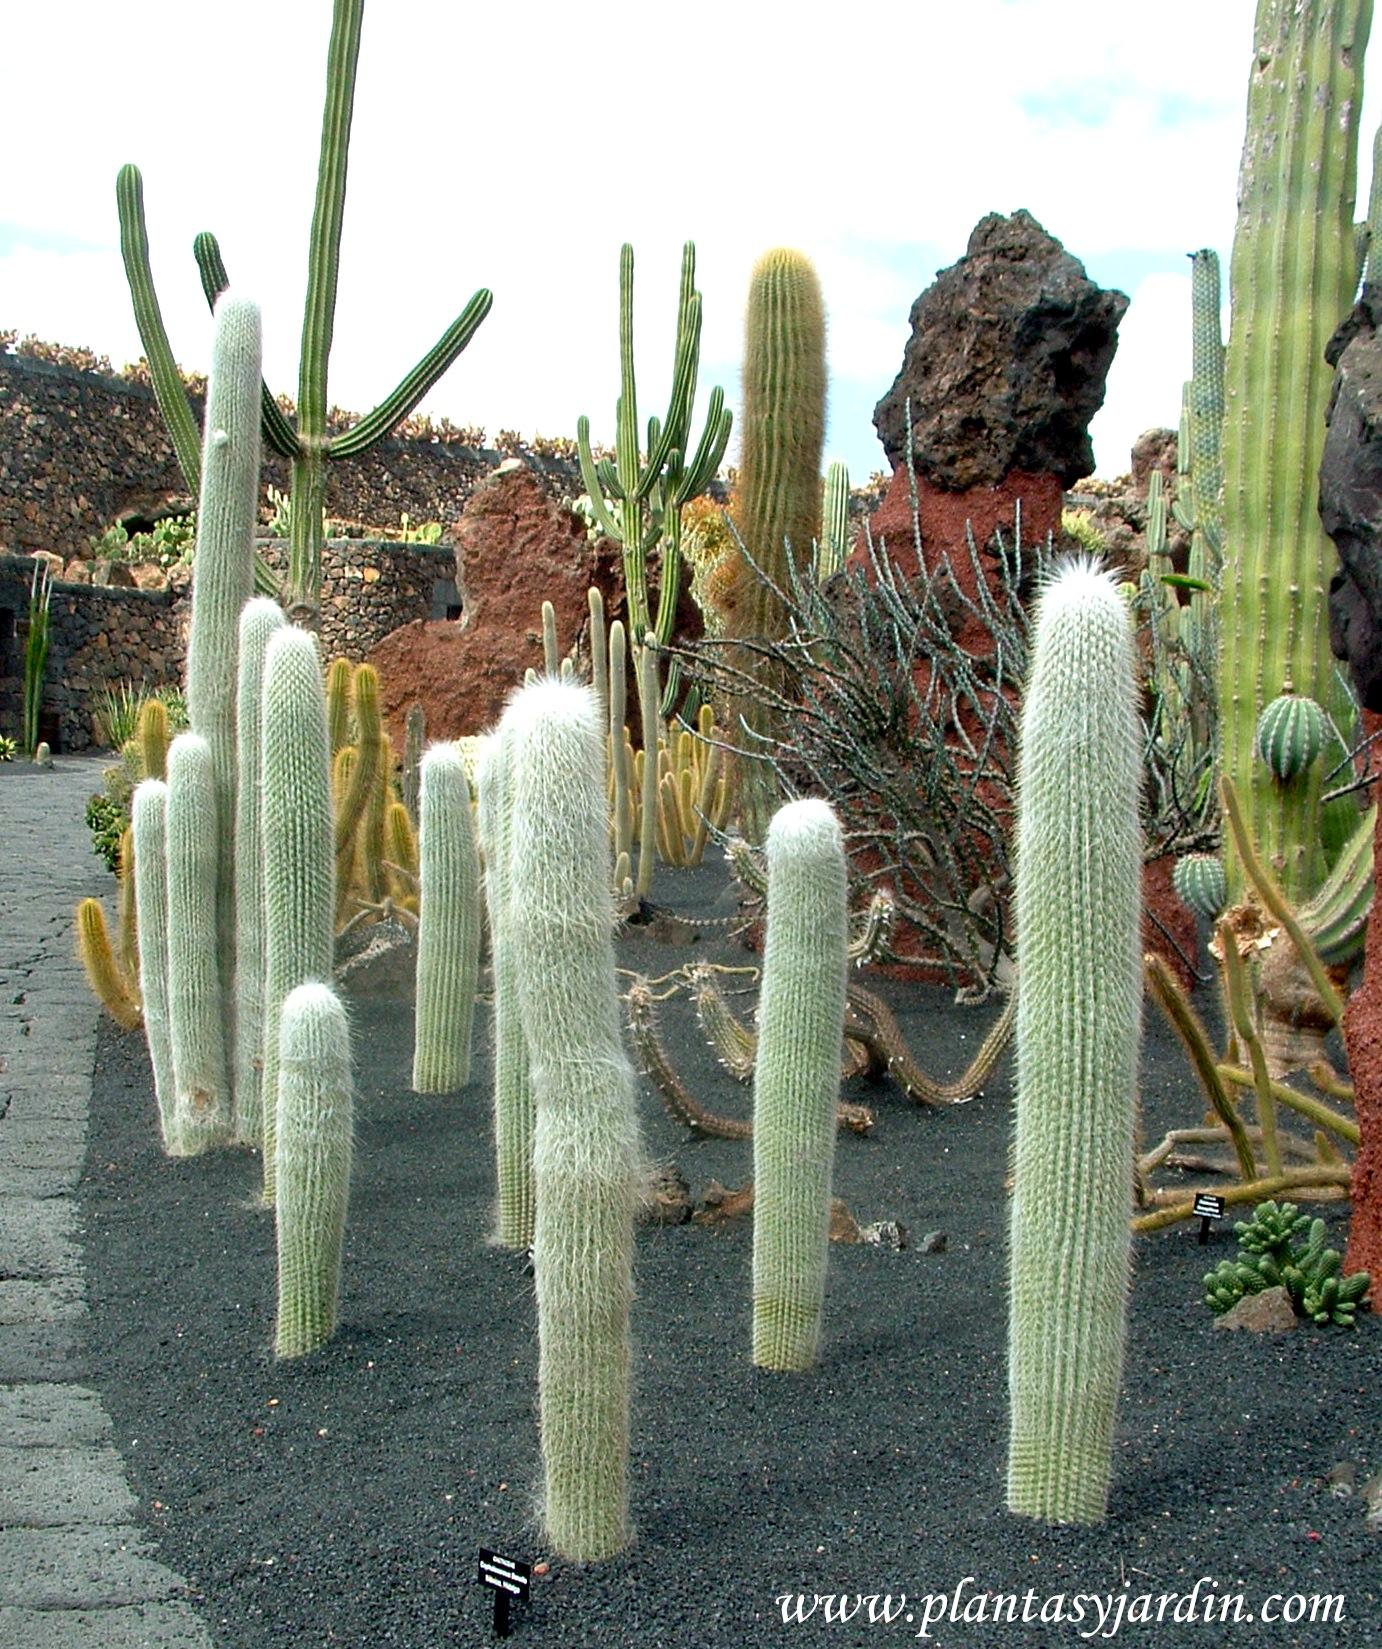 Cactus cactos plantas jard n for Jardines con cactus